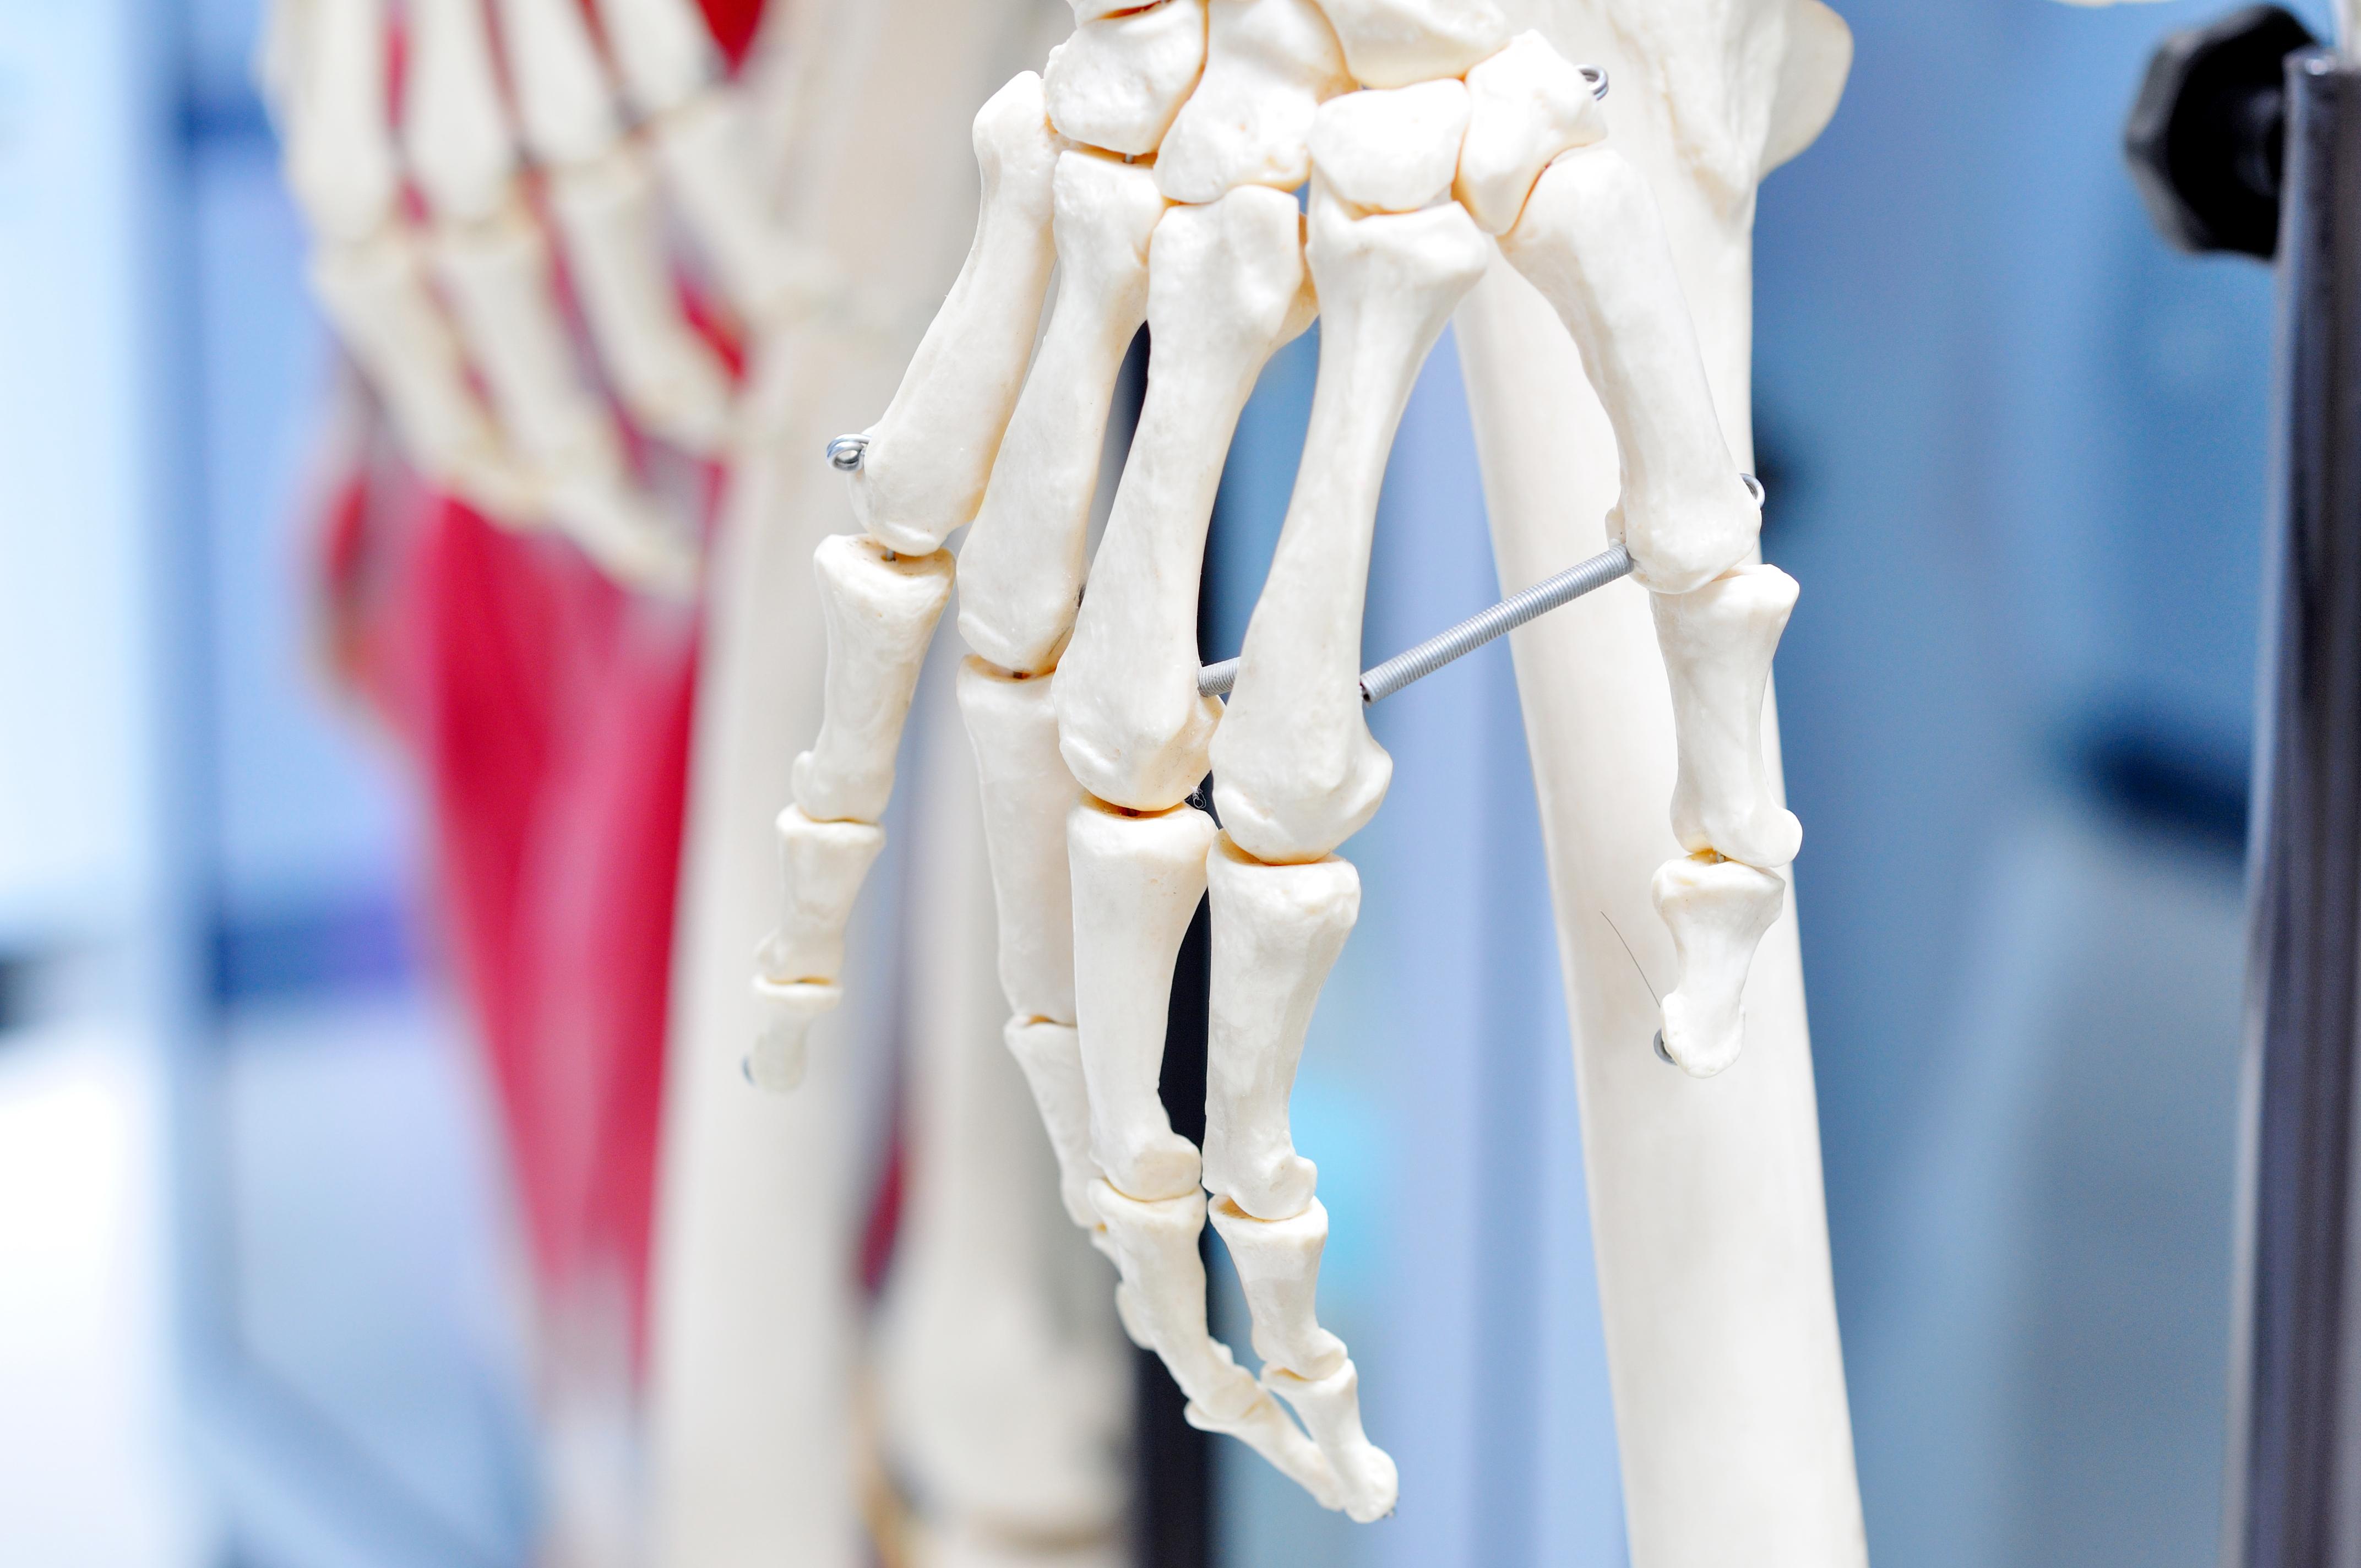 Vår kropp består av cirka 1-2 procent kalcium och 99 procent av allt kalcium i kroppen finns i ben och tänder.